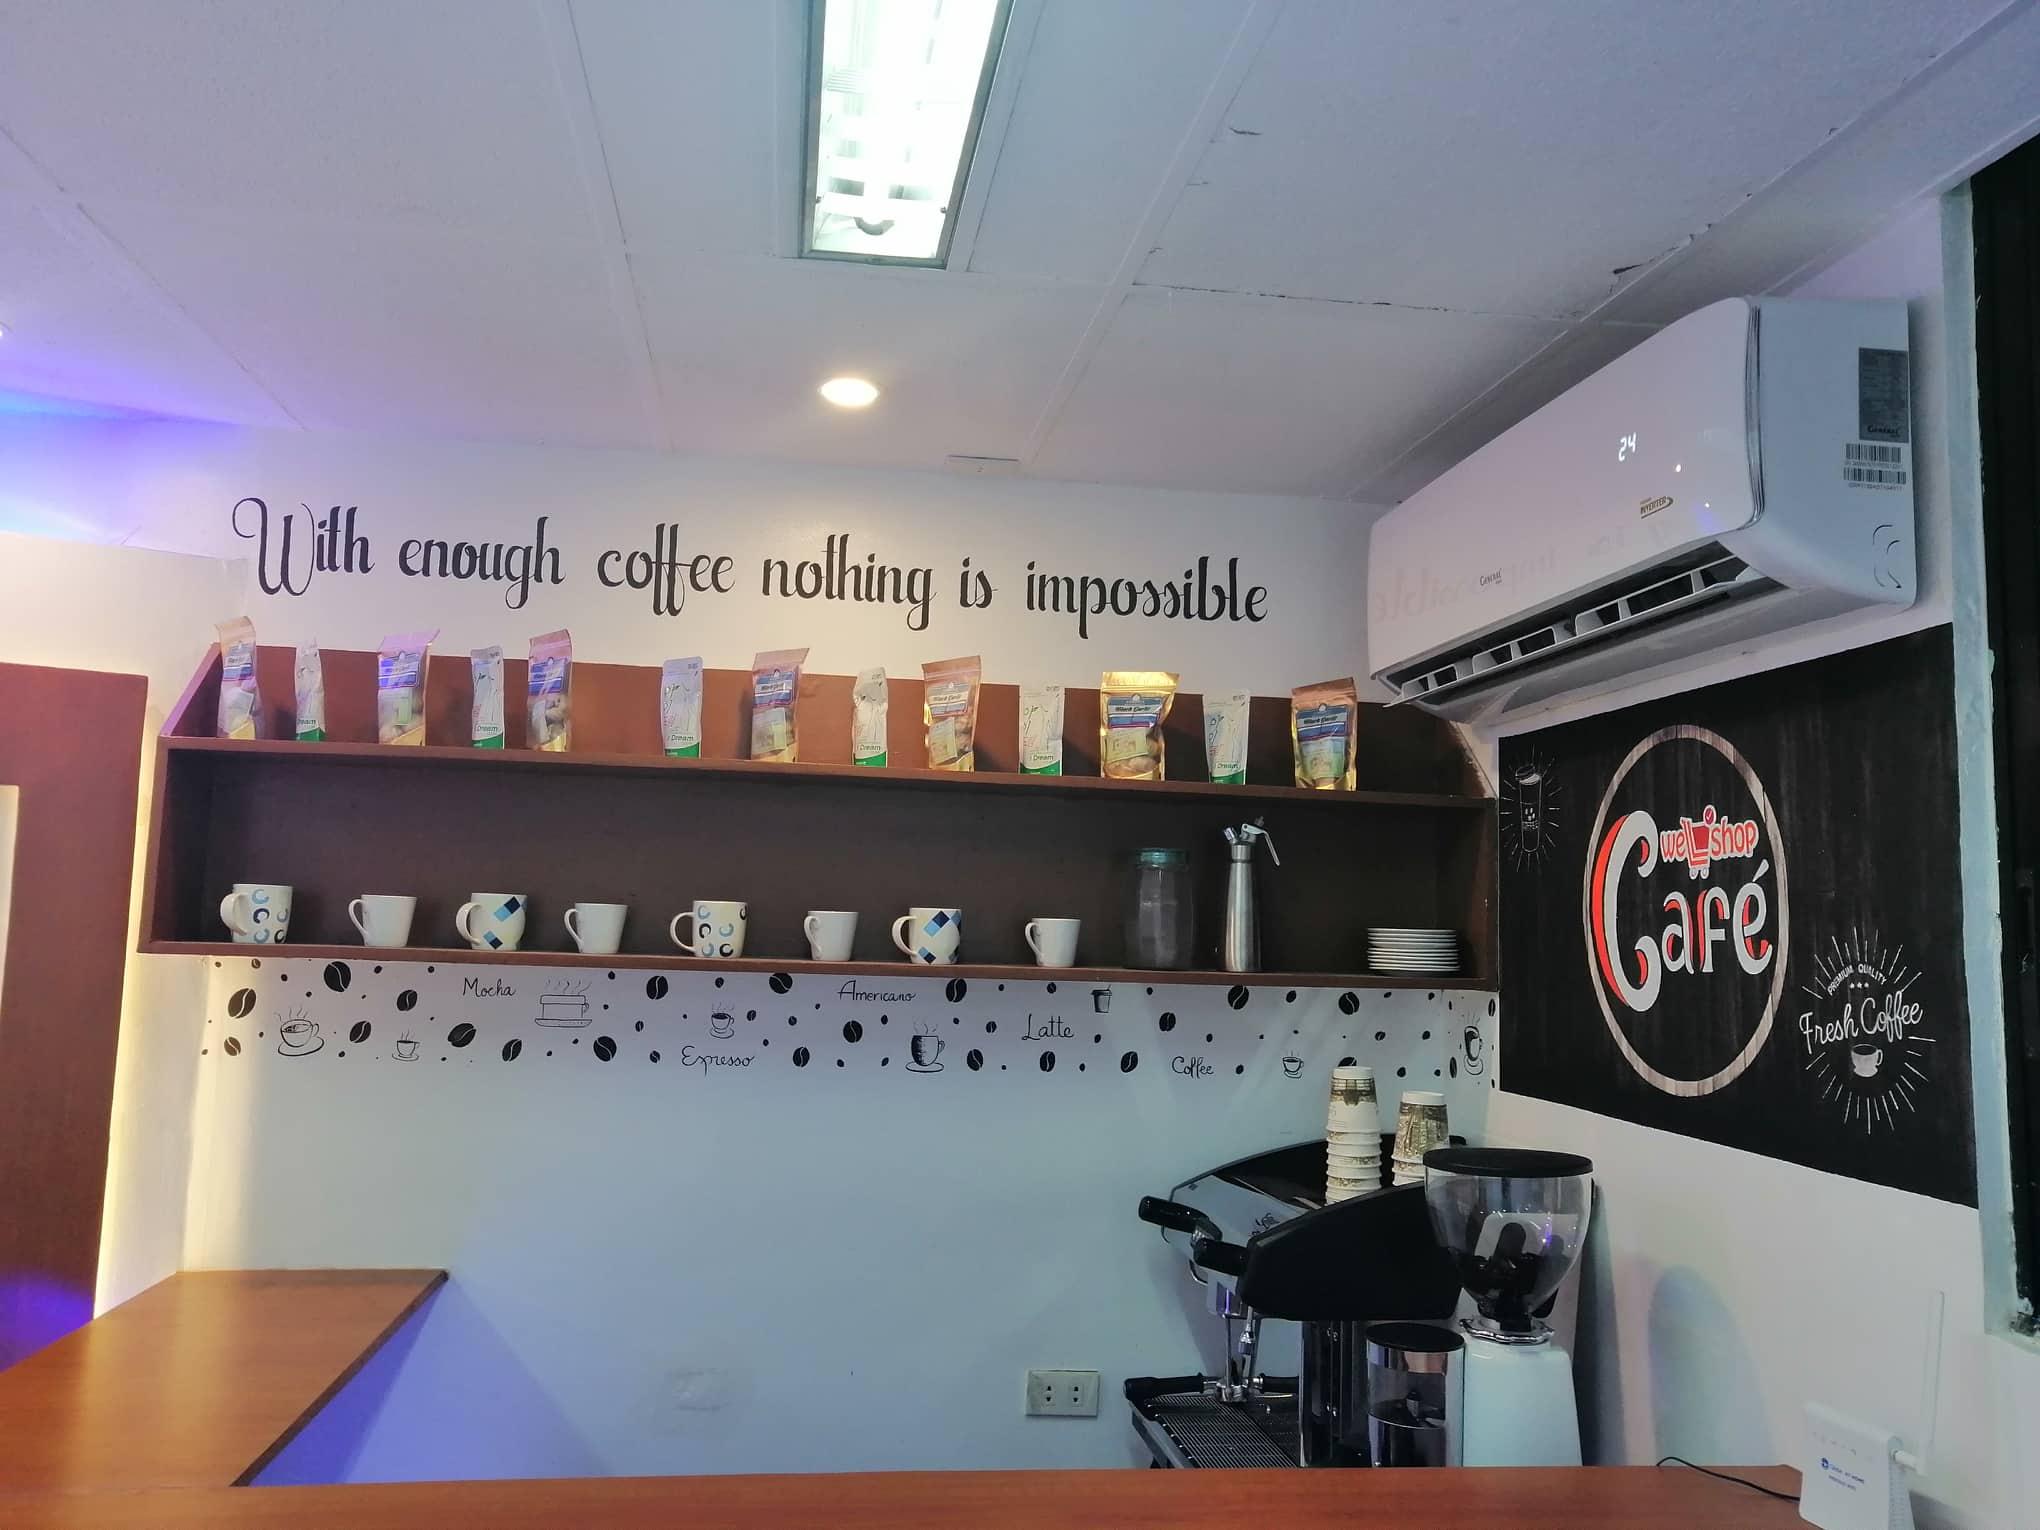 Wellshop Cafe